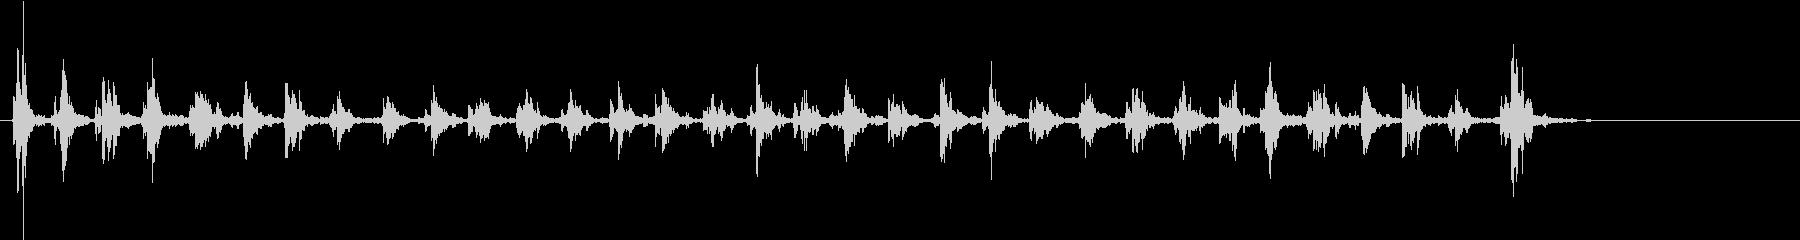 Xmasに最適トナカイベルのループ音10の未再生の波形